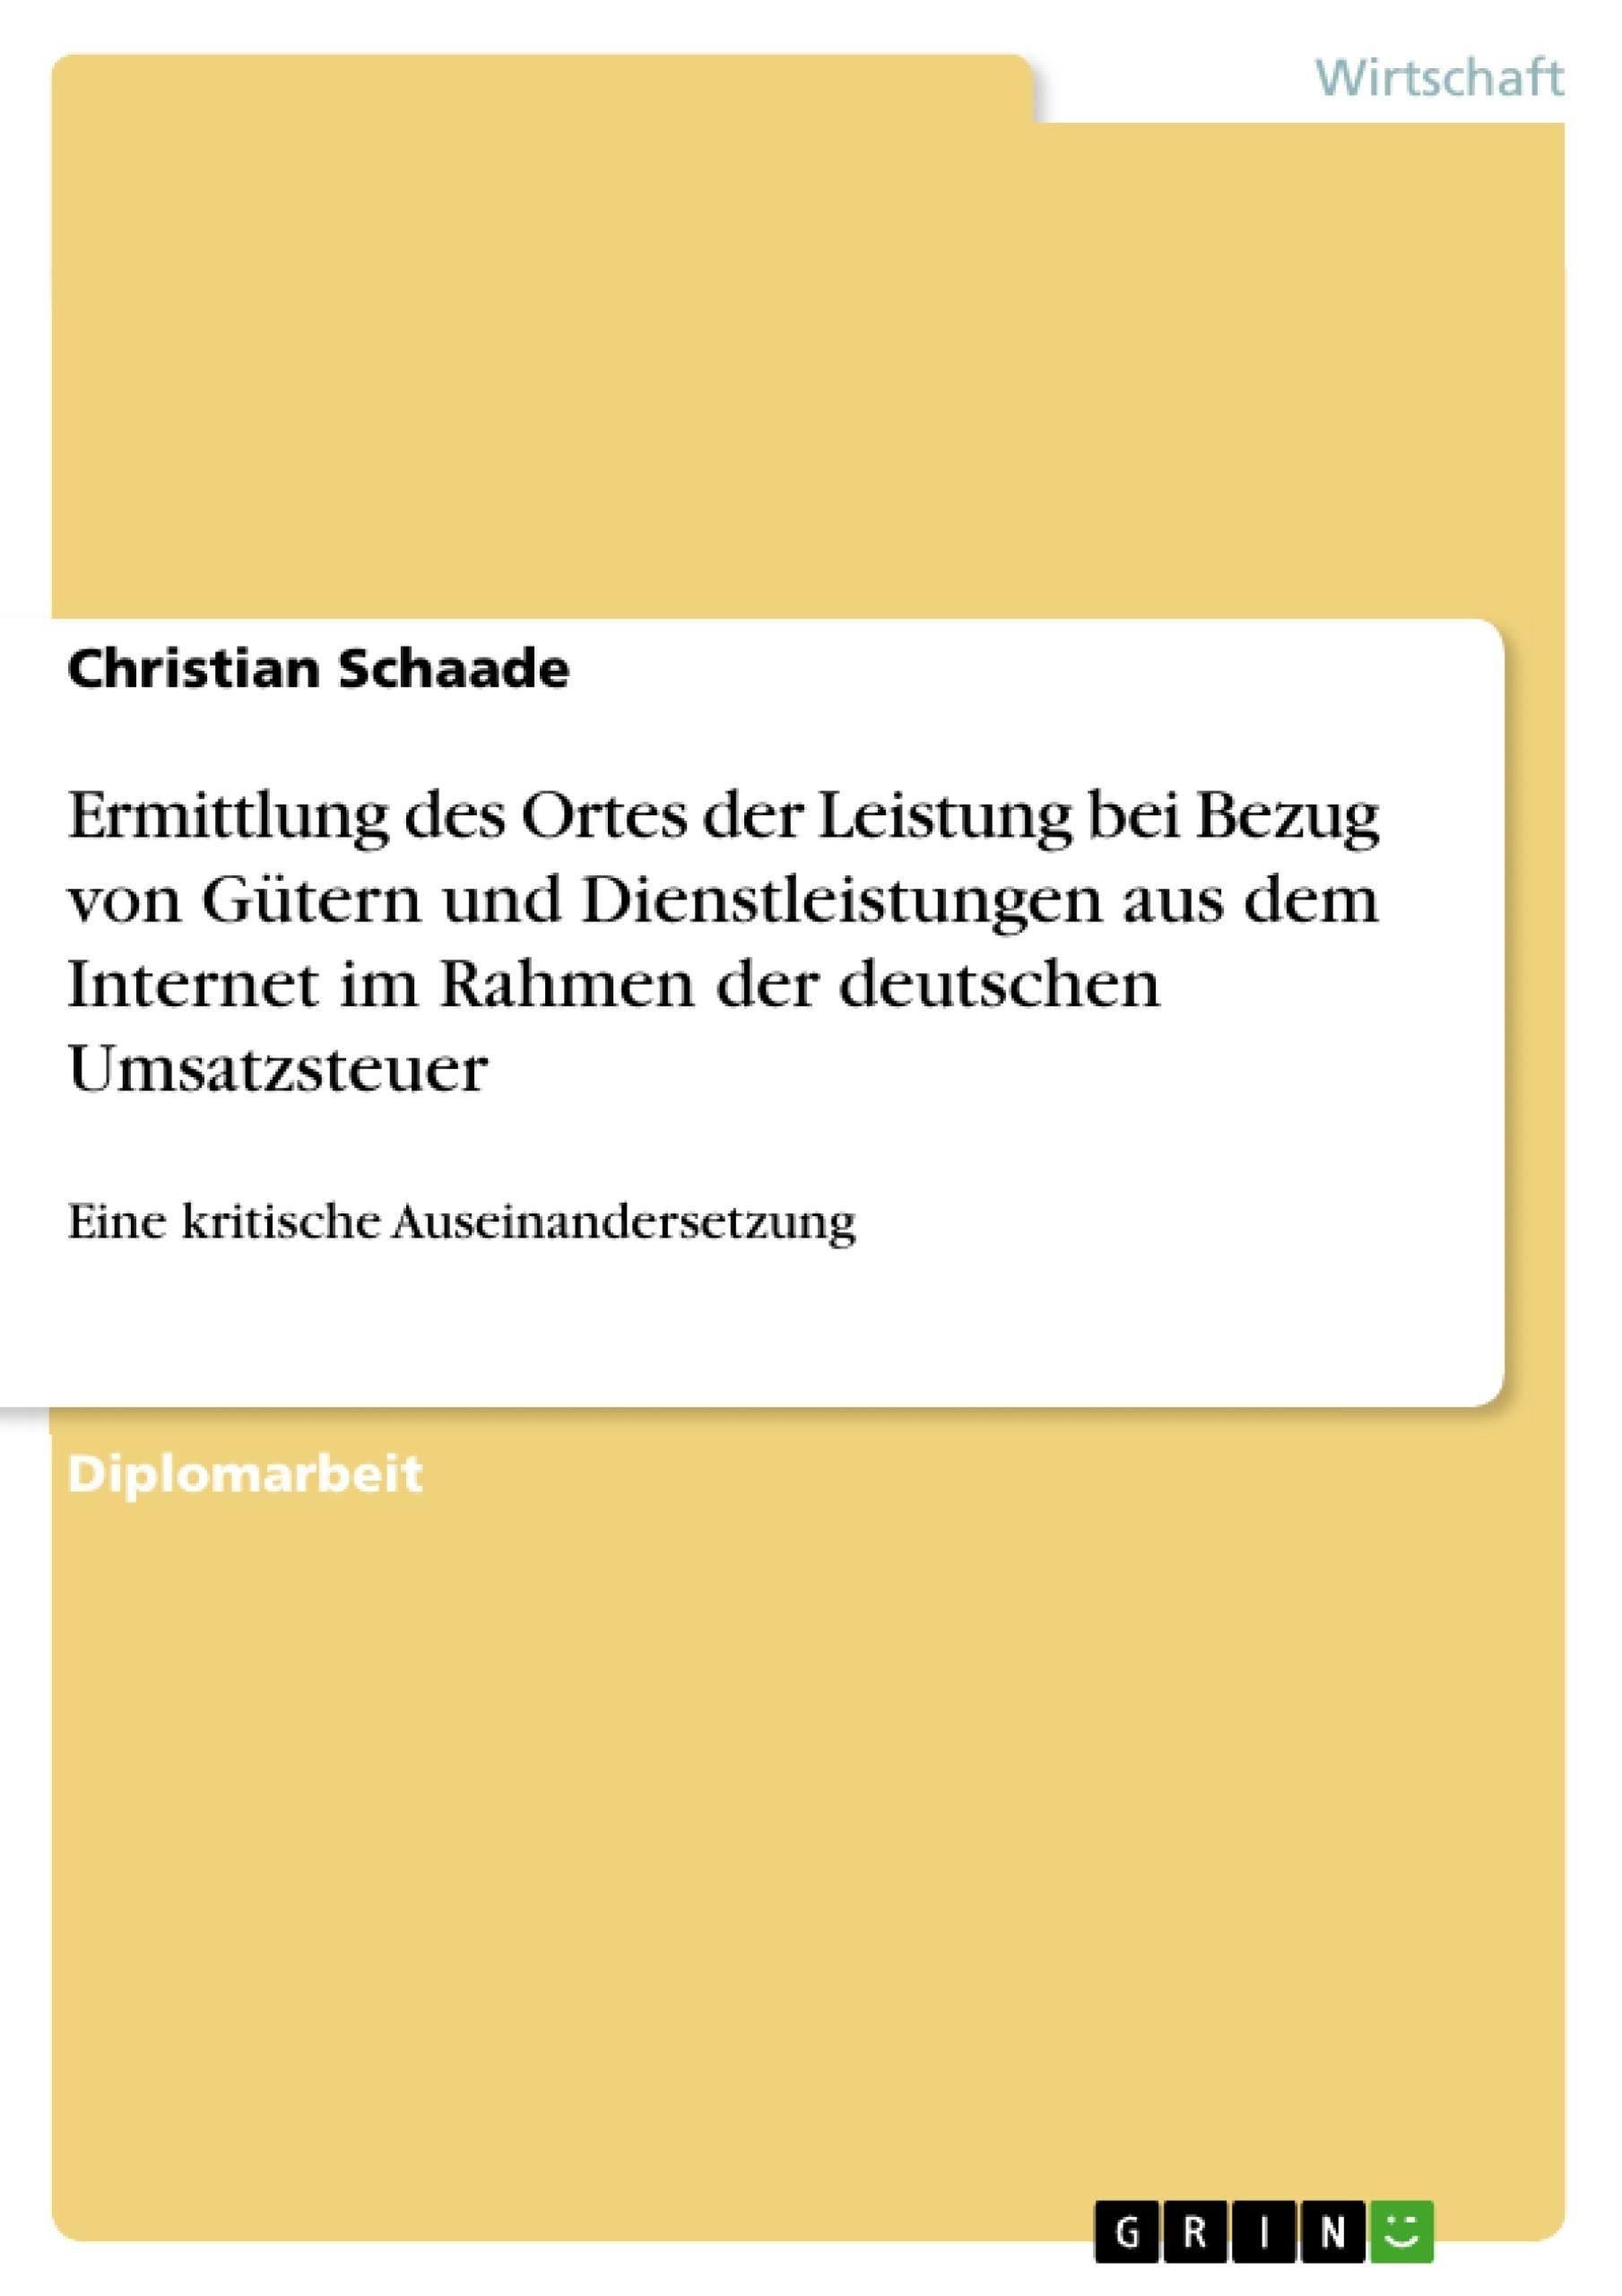 Titel: Ermittlung des Ortes der Leistung bei Bezug von Gütern und Dienstleistungen aus dem Internet im Rahmen der deutschen Umsatzsteuer